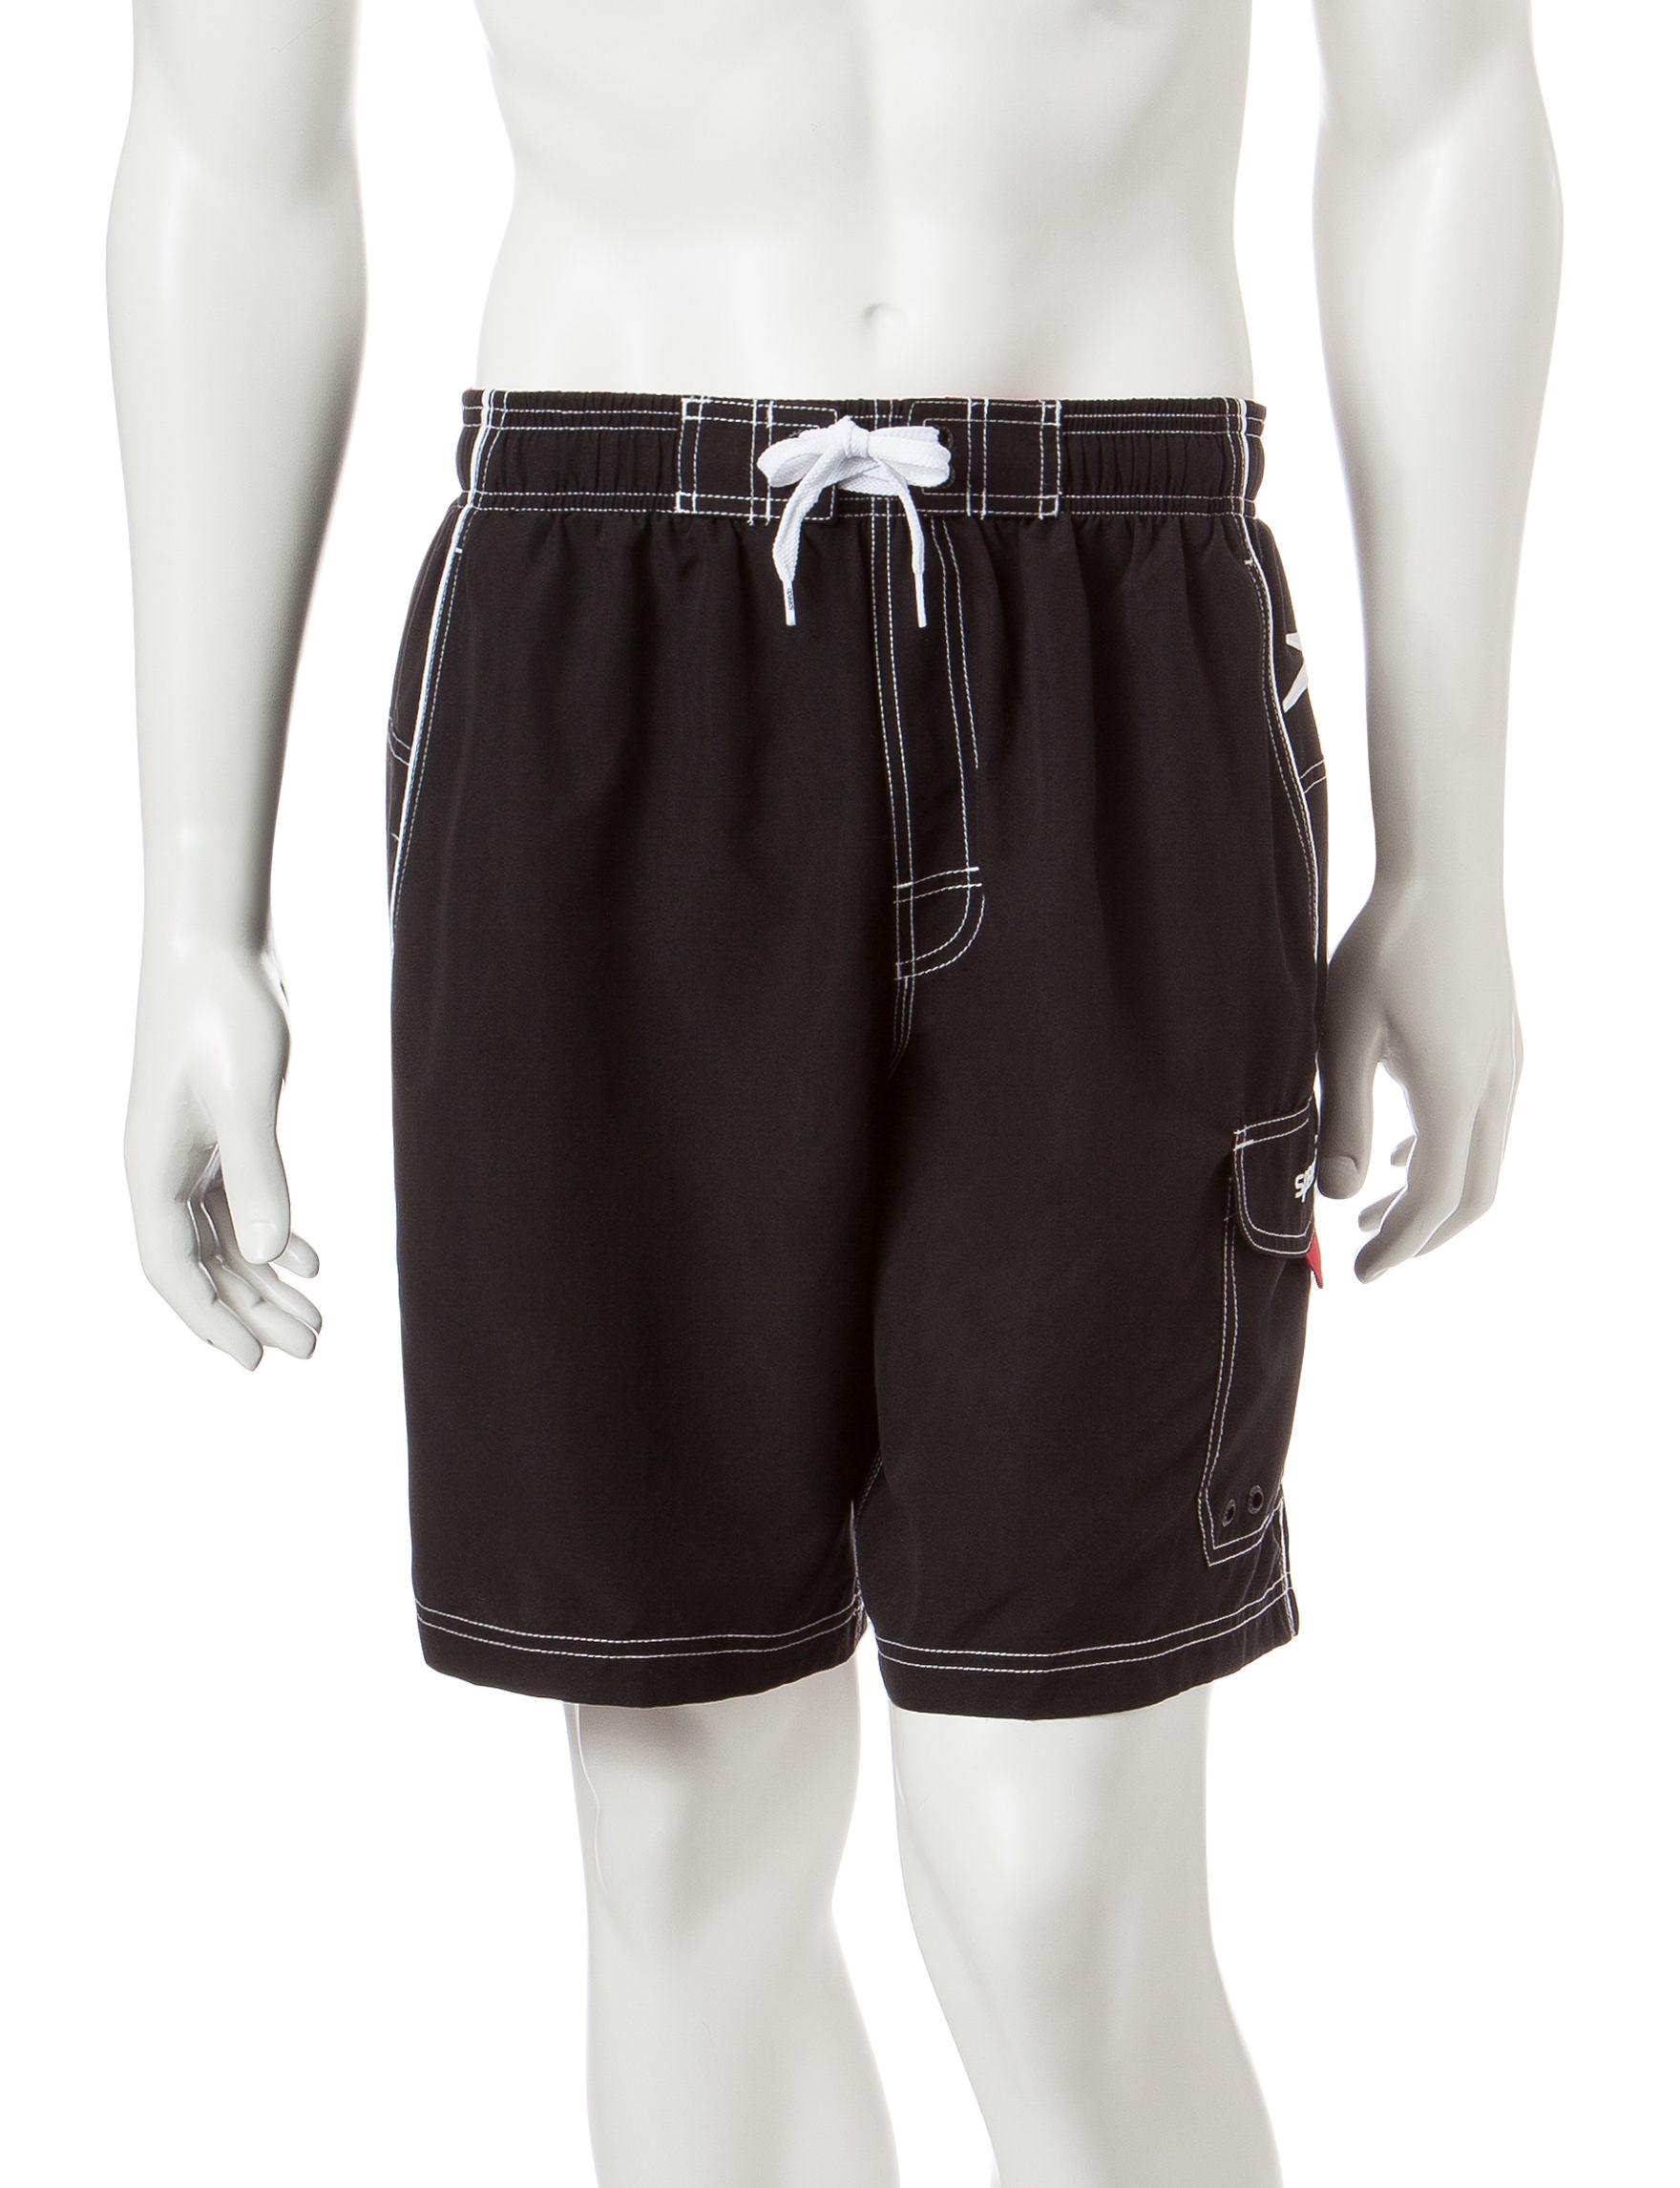 Speedo Black Swimsuit Bottoms